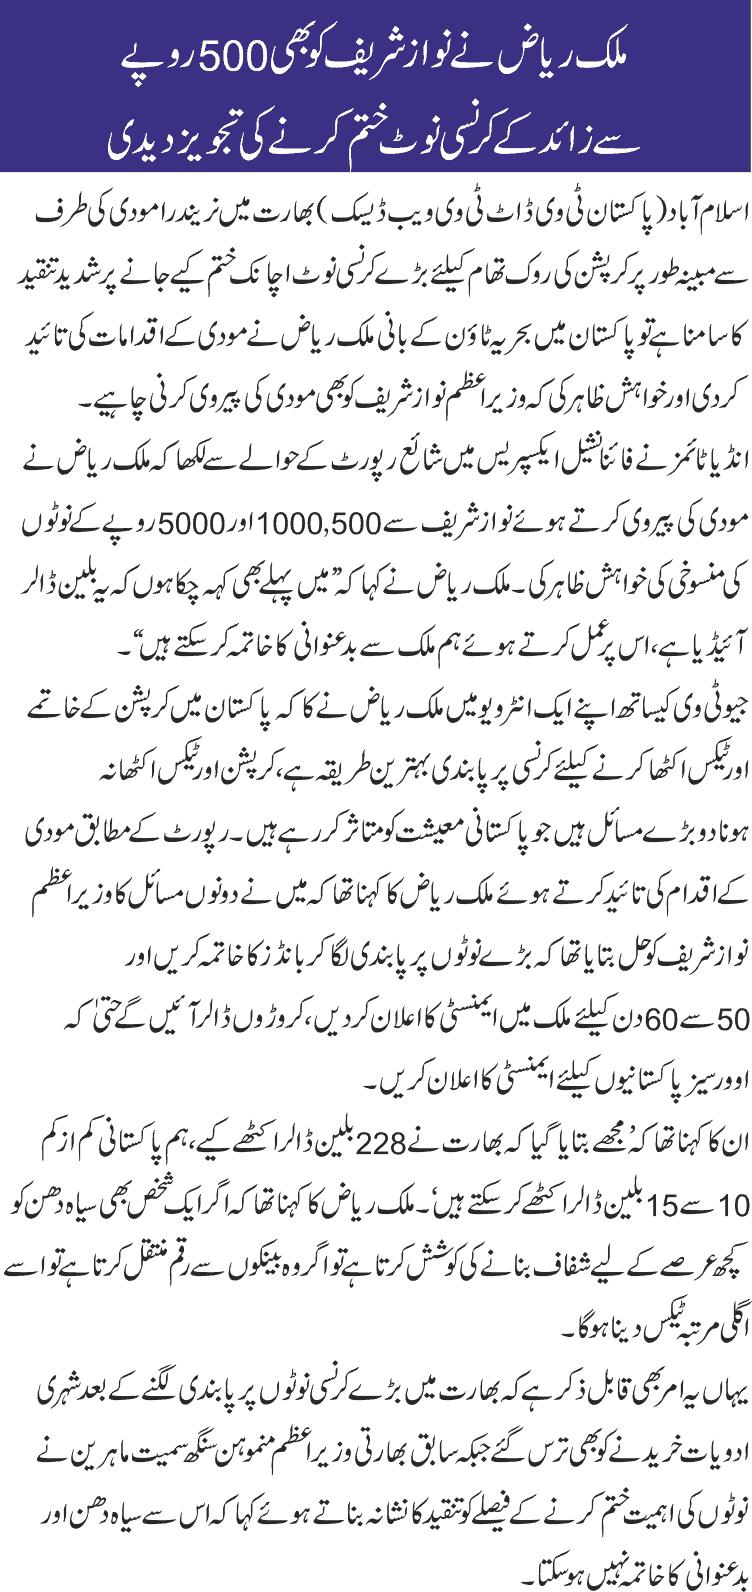 Malik riaz suggested pm nawaz to eliminate rs 500 banknotes quaid malik riaz suggested pm nawaz to eliminate rs 500 banknotes altavistaventures Gallery